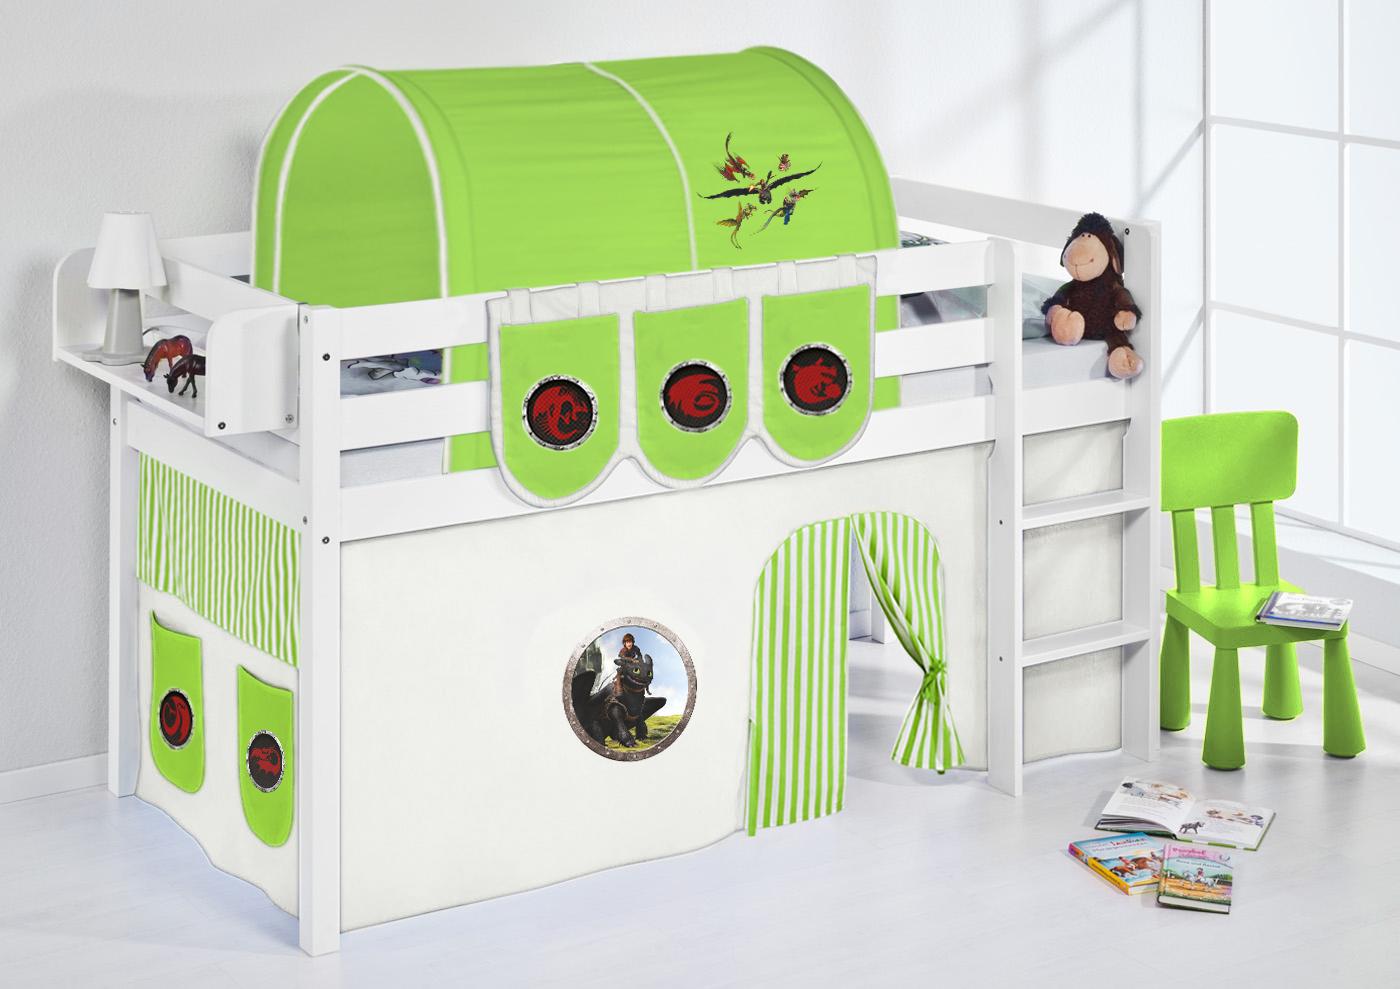 Spielbett hochbett kinderbett jelle 190x90 weiss mit for Vorhang kinderbett